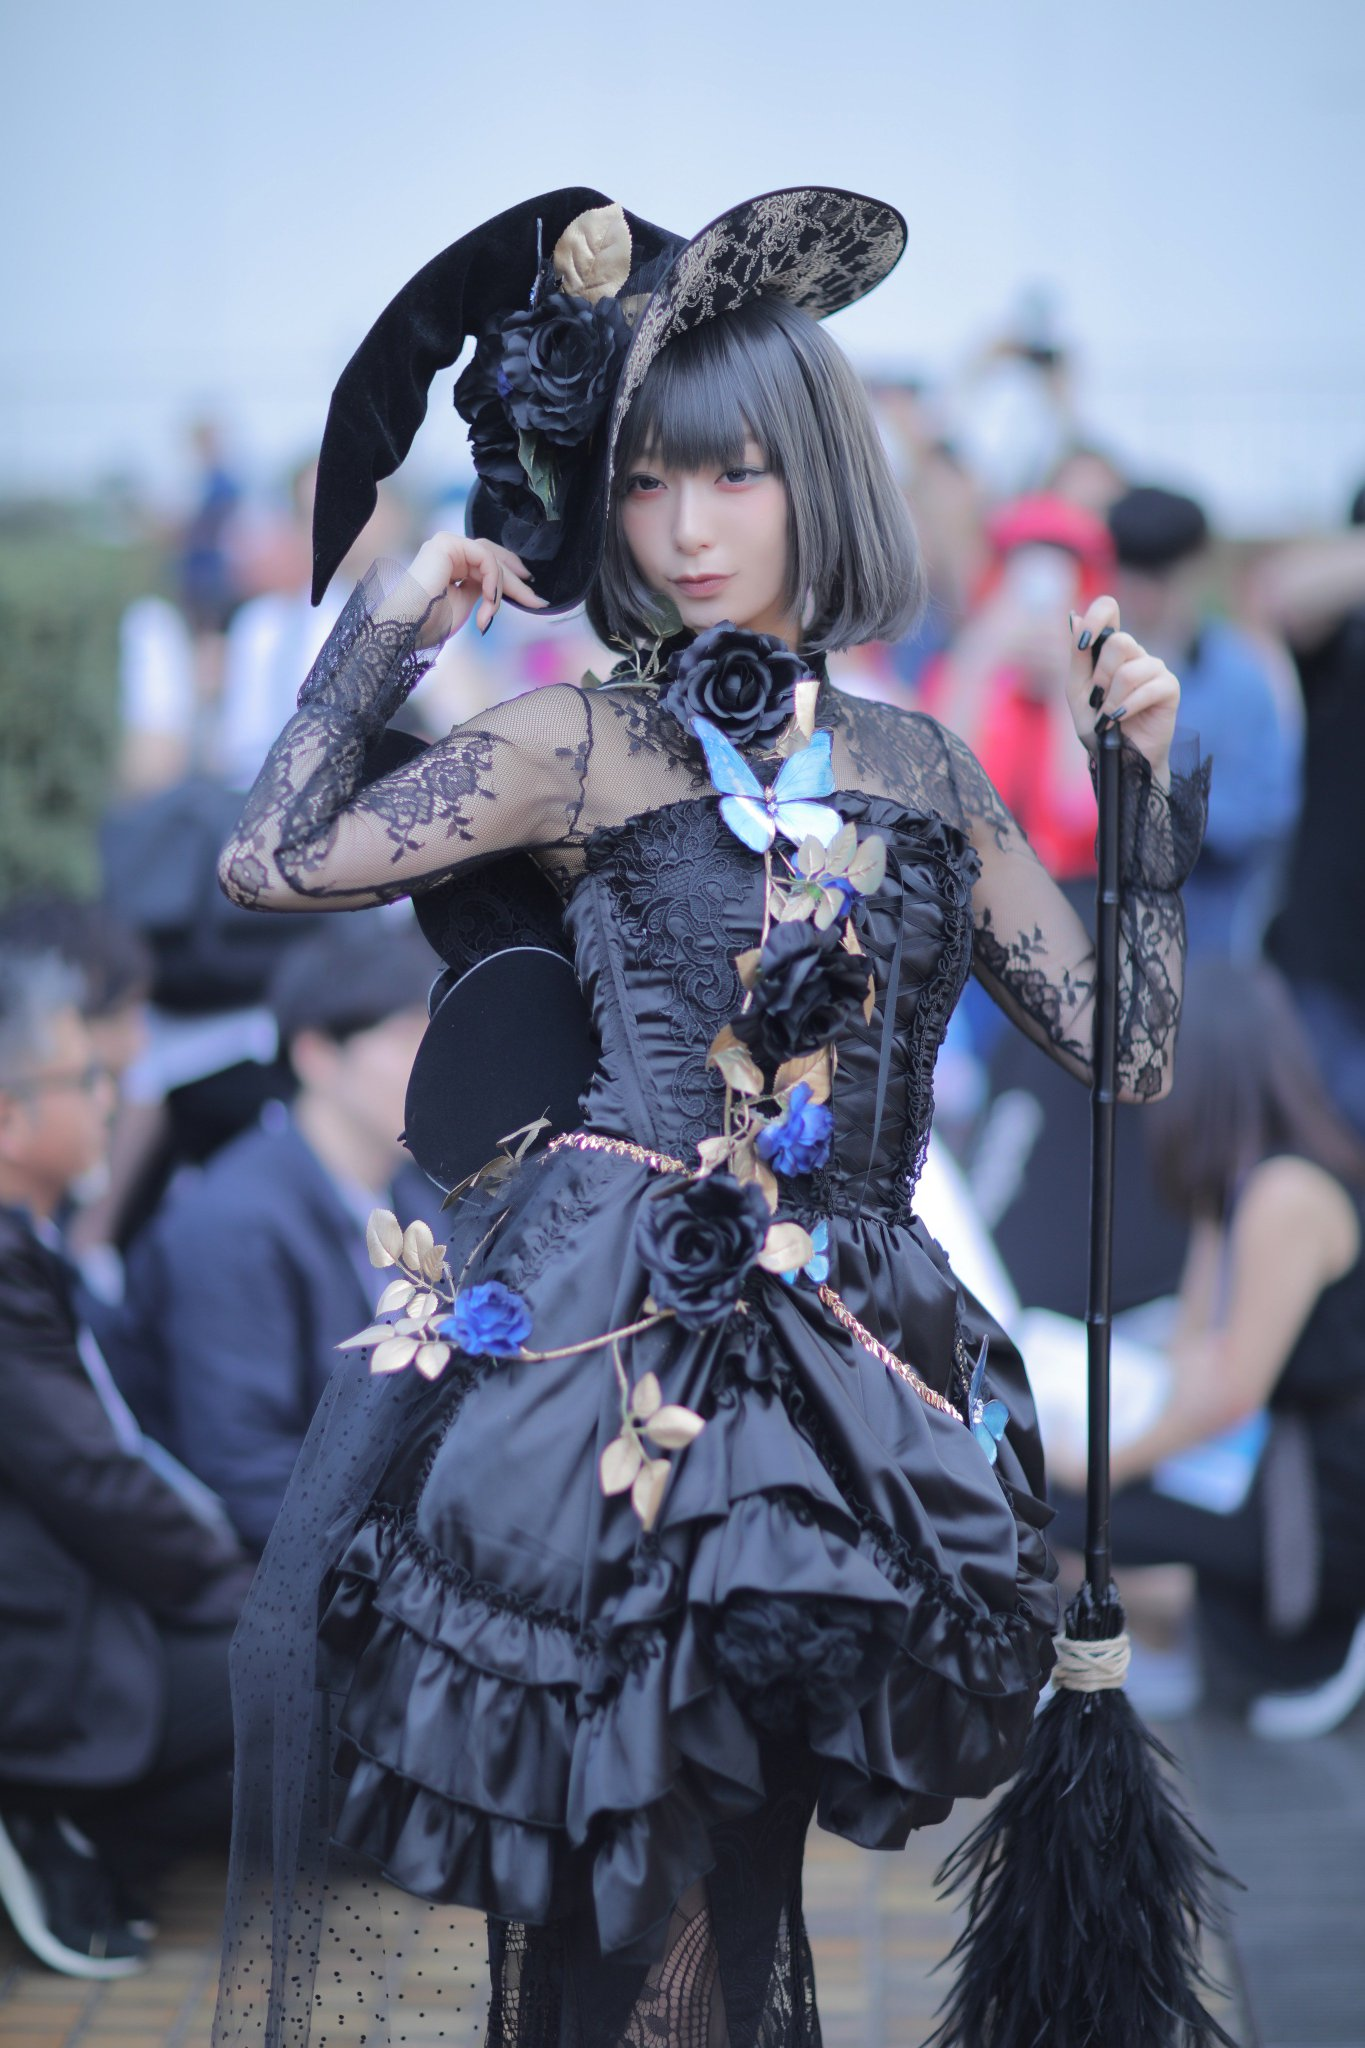 宇垣美里アナの「黒の魔女」コスがかわいすぎるwww